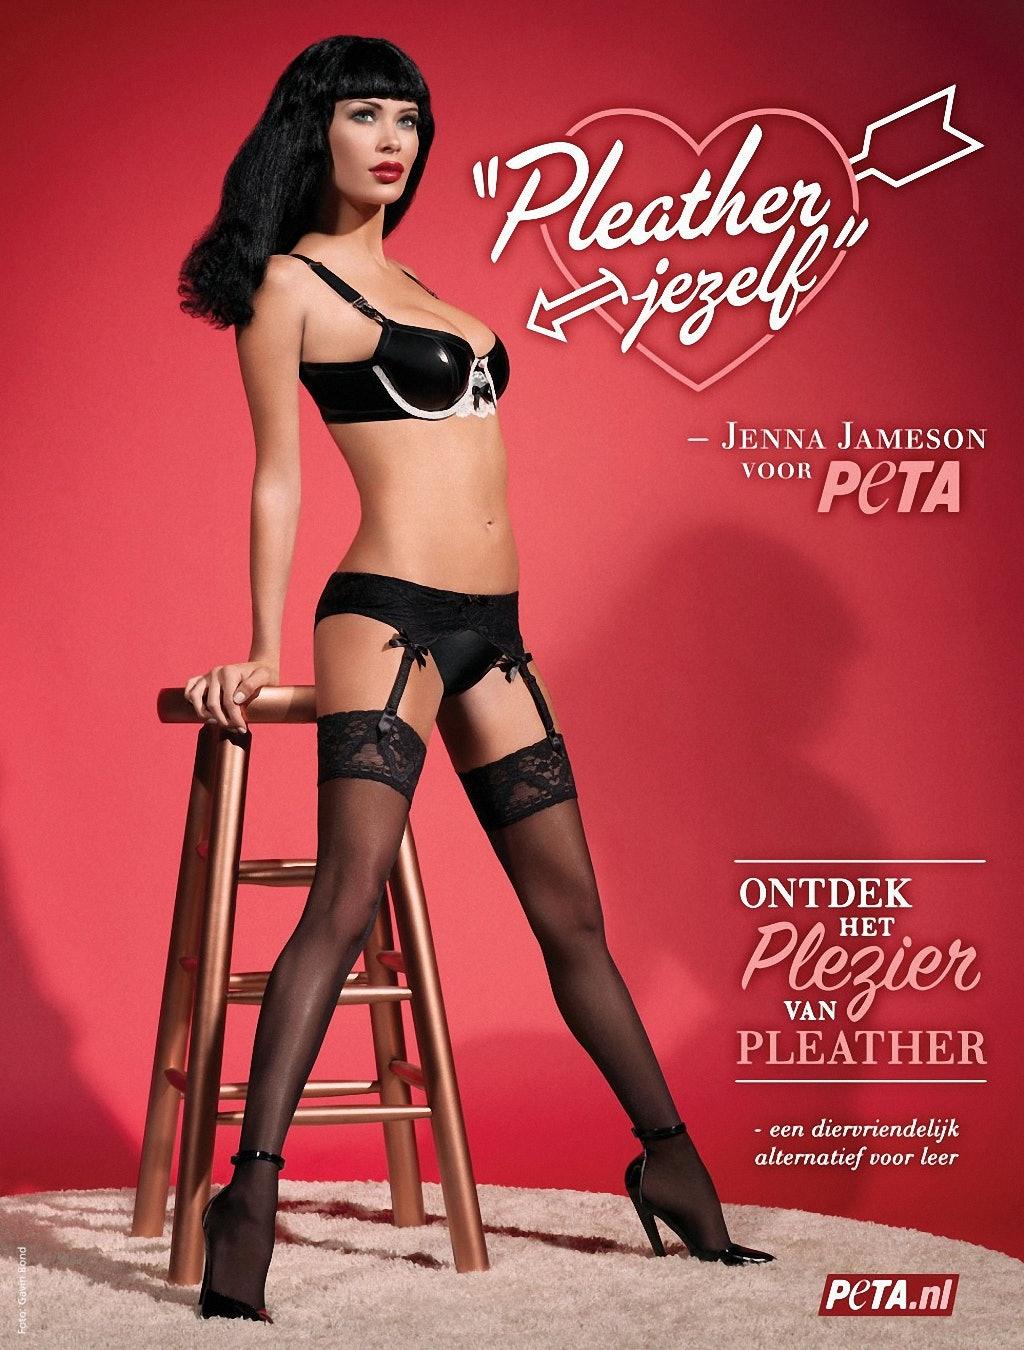 Zvyozdy-v-kampanii-PETA-17